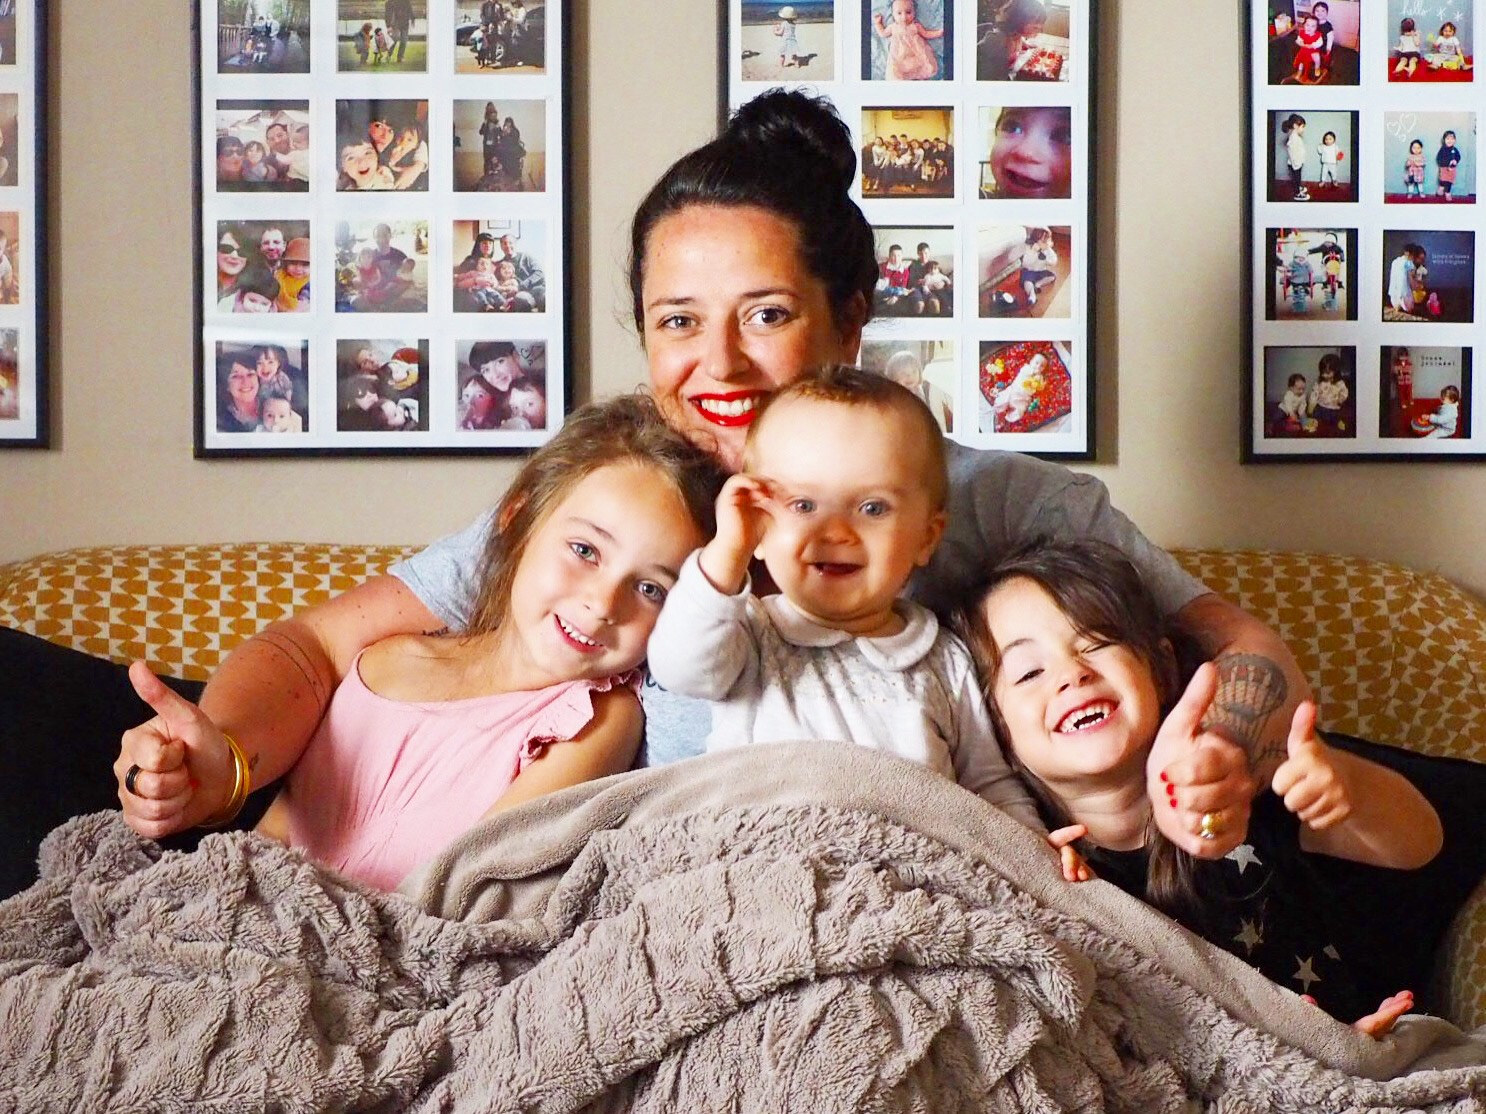 semaine 39 maison microbes la reine de l 39 iode. Black Bedroom Furniture Sets. Home Design Ideas